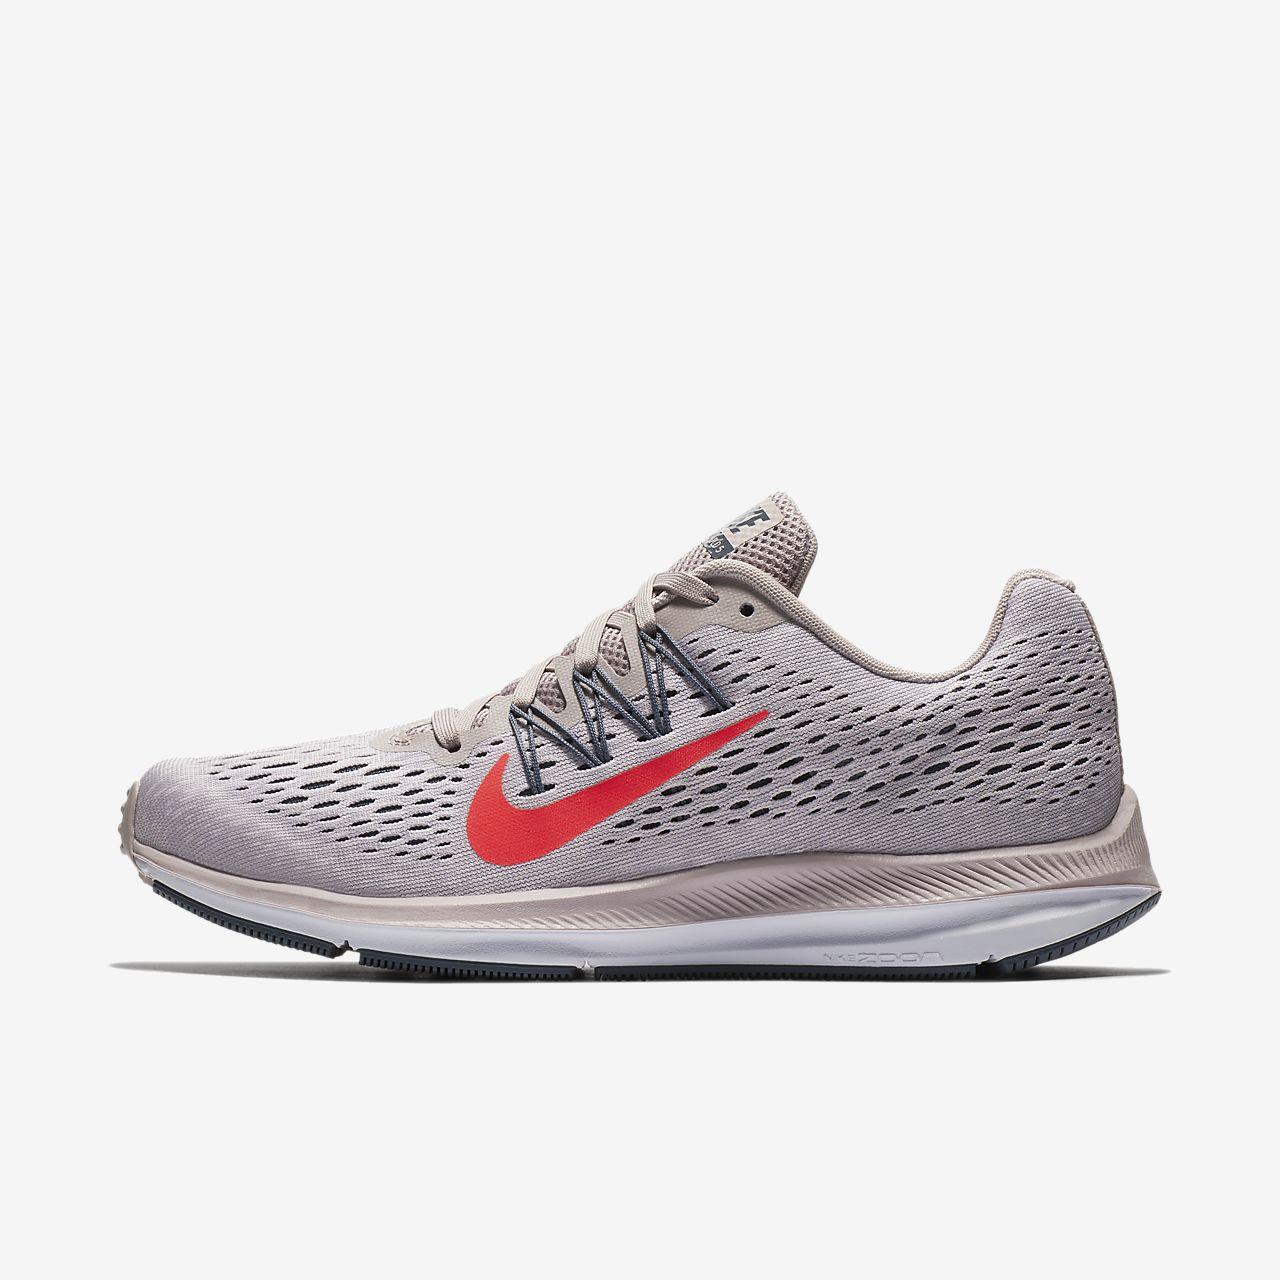 Nike Zoom Wio  Running Shoe